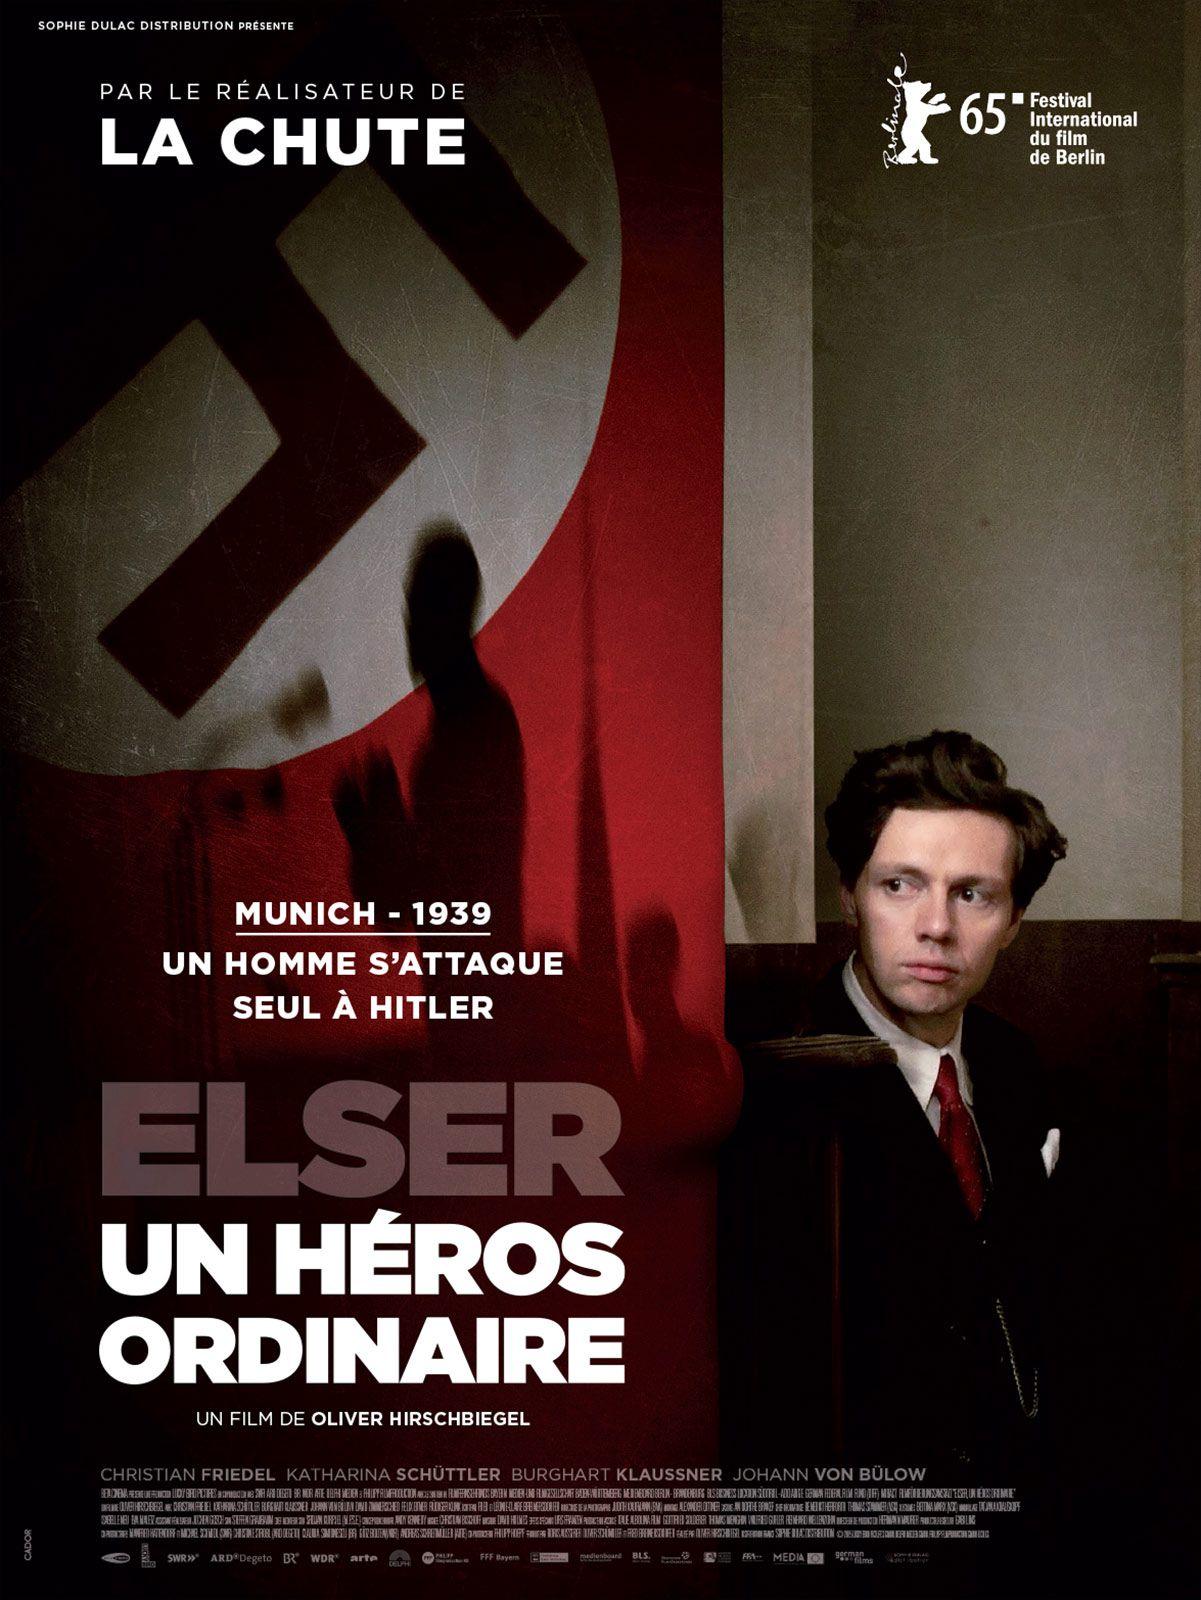 Elser, un héros ordinaire - Film (2015)